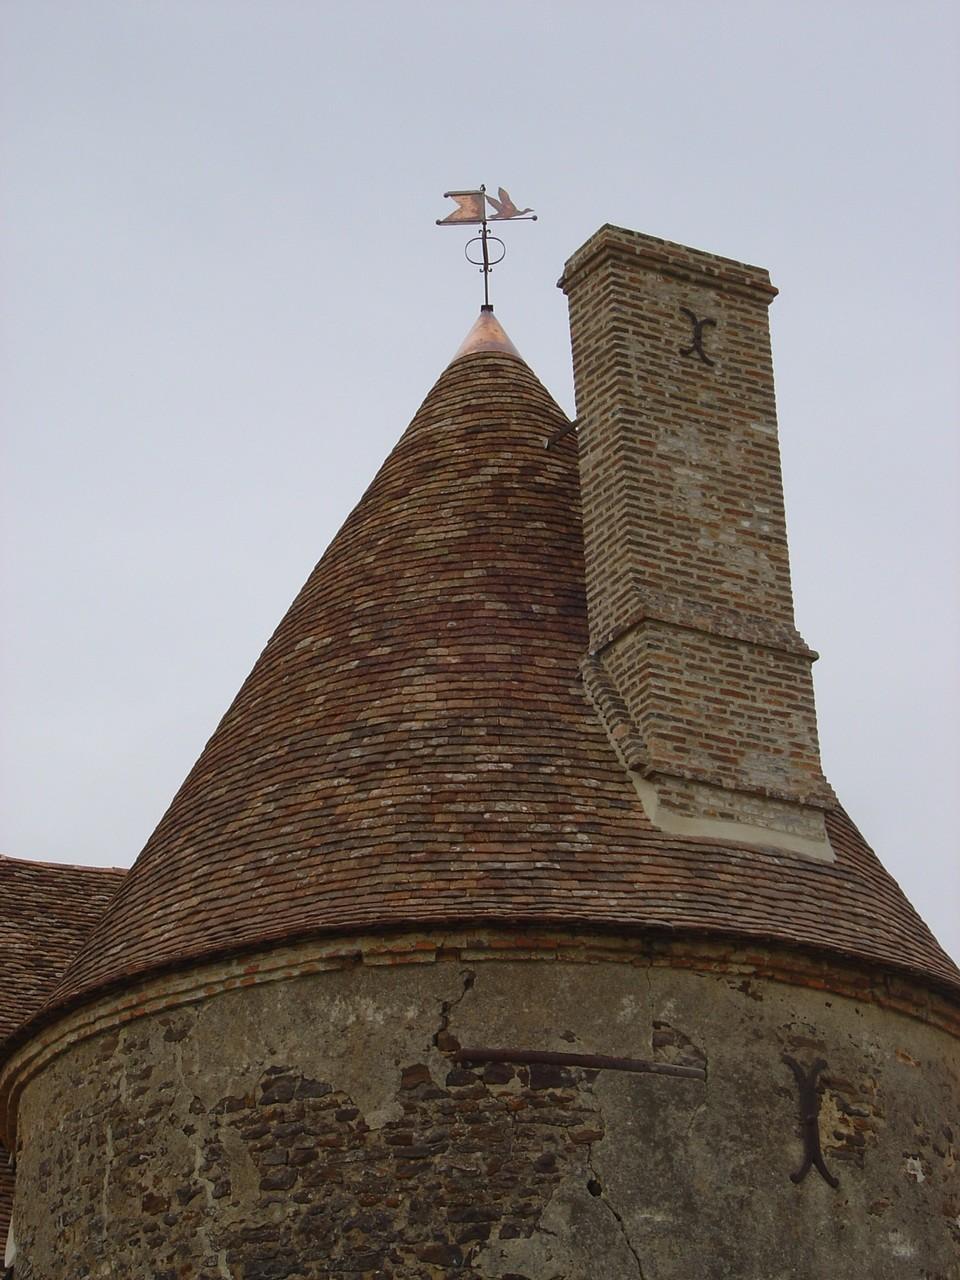 Restauration d'une tour en vieilles tuiles plates - Chestier